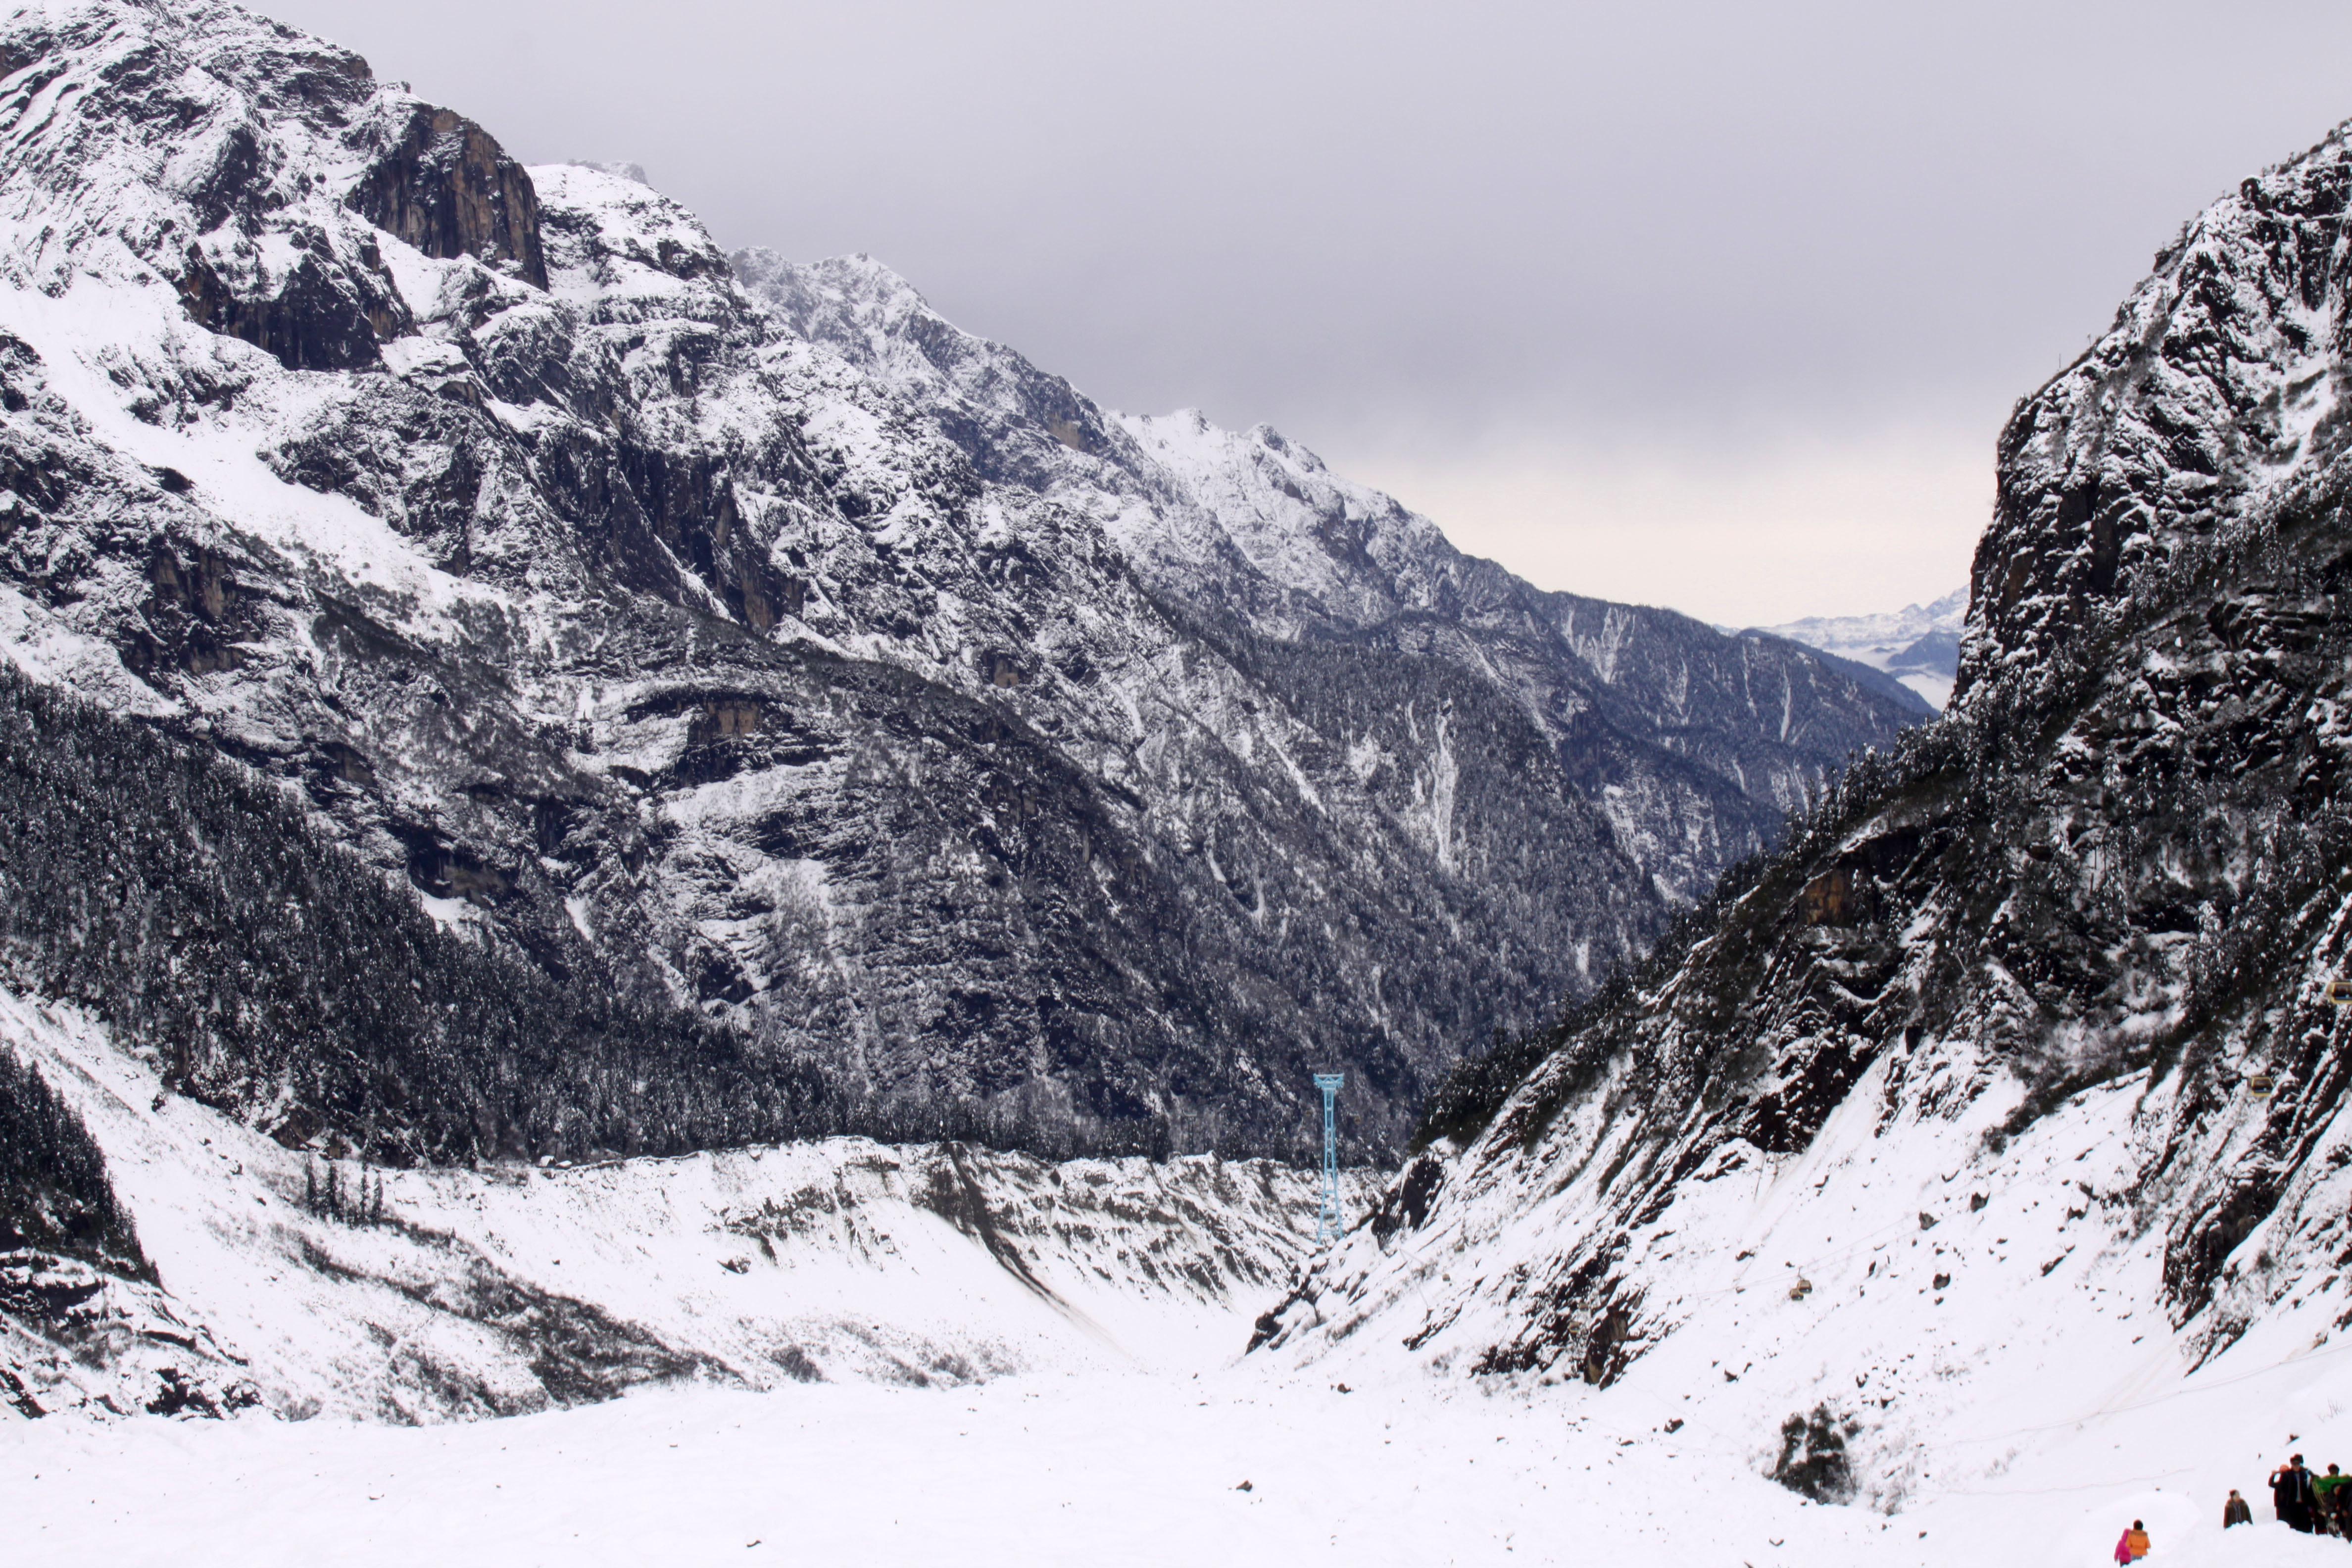 海螺沟冰川是贡嘎山东坡众多冰川中的一条,其尾端伸入到原始森林区达